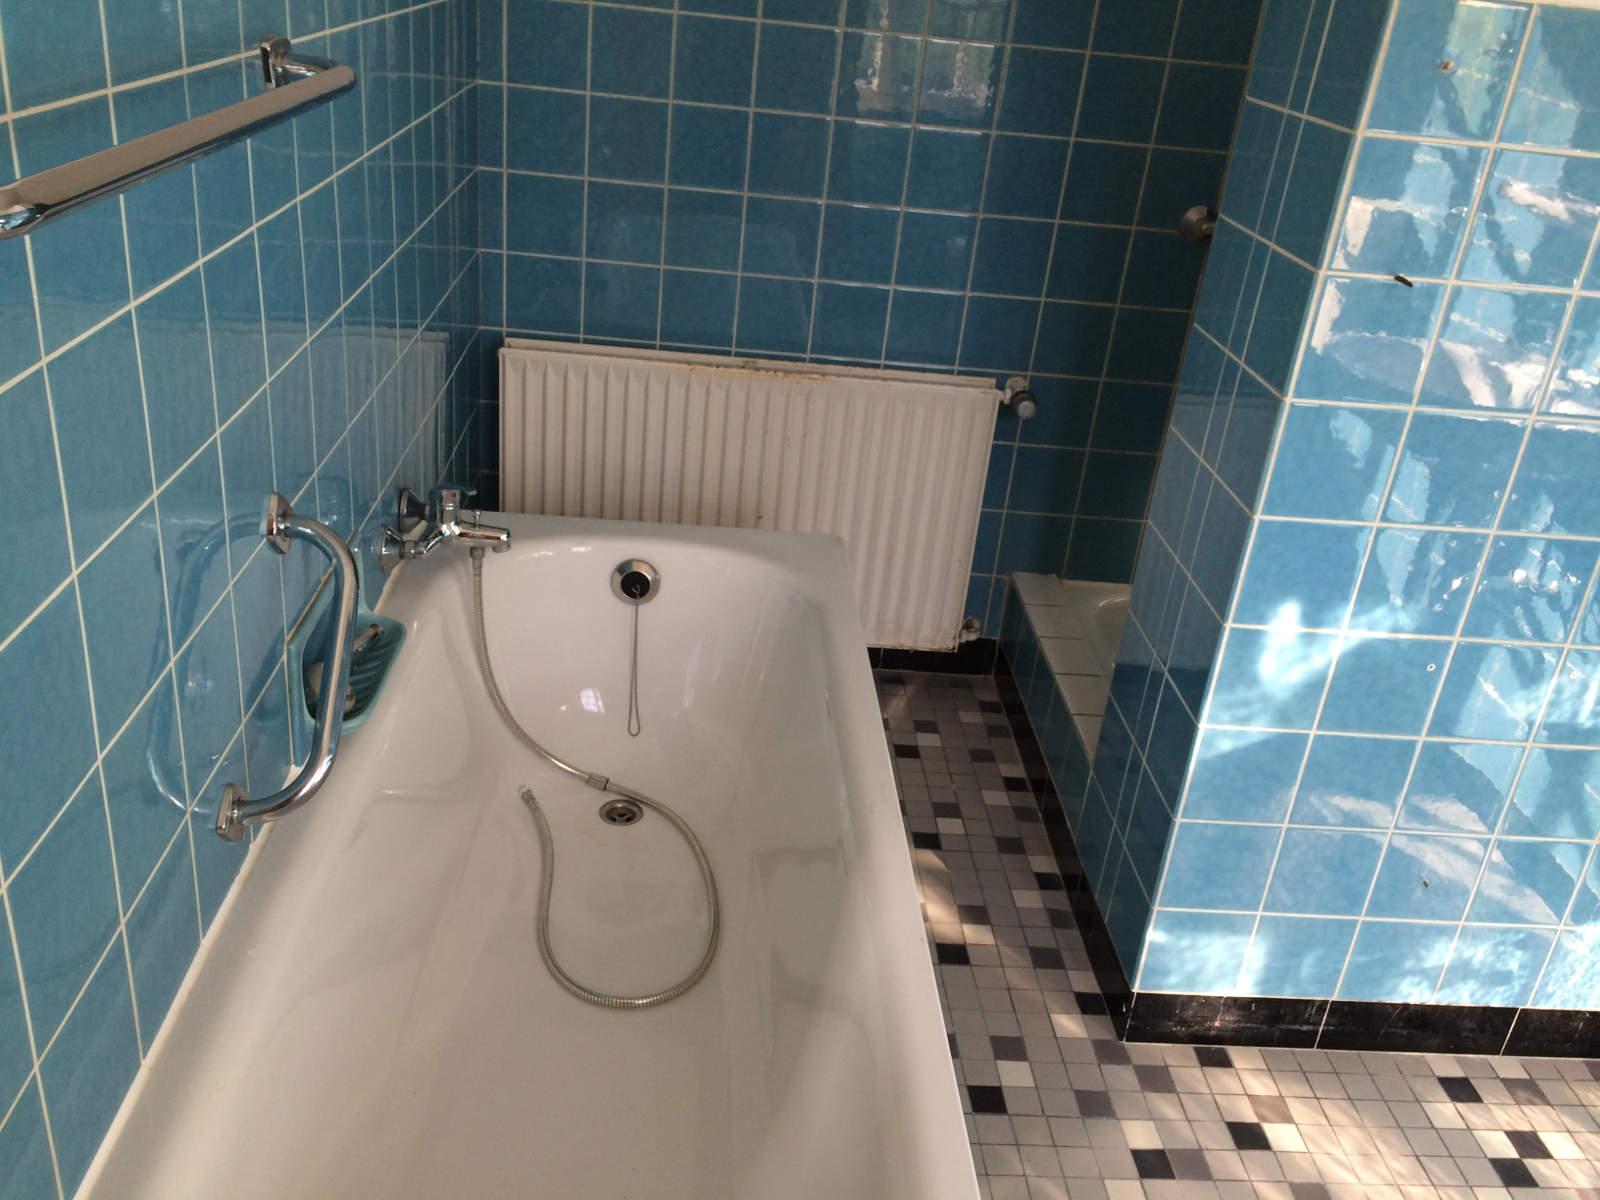 Das Derzeitige Badezimmer Im Unteren Stockwerk. Leider Wurde Hier Seit Den  60er Jahren Nichts Mehr Gemacht... Nach Dem Einbau Des Neuen  Wellness Badezimmers ...